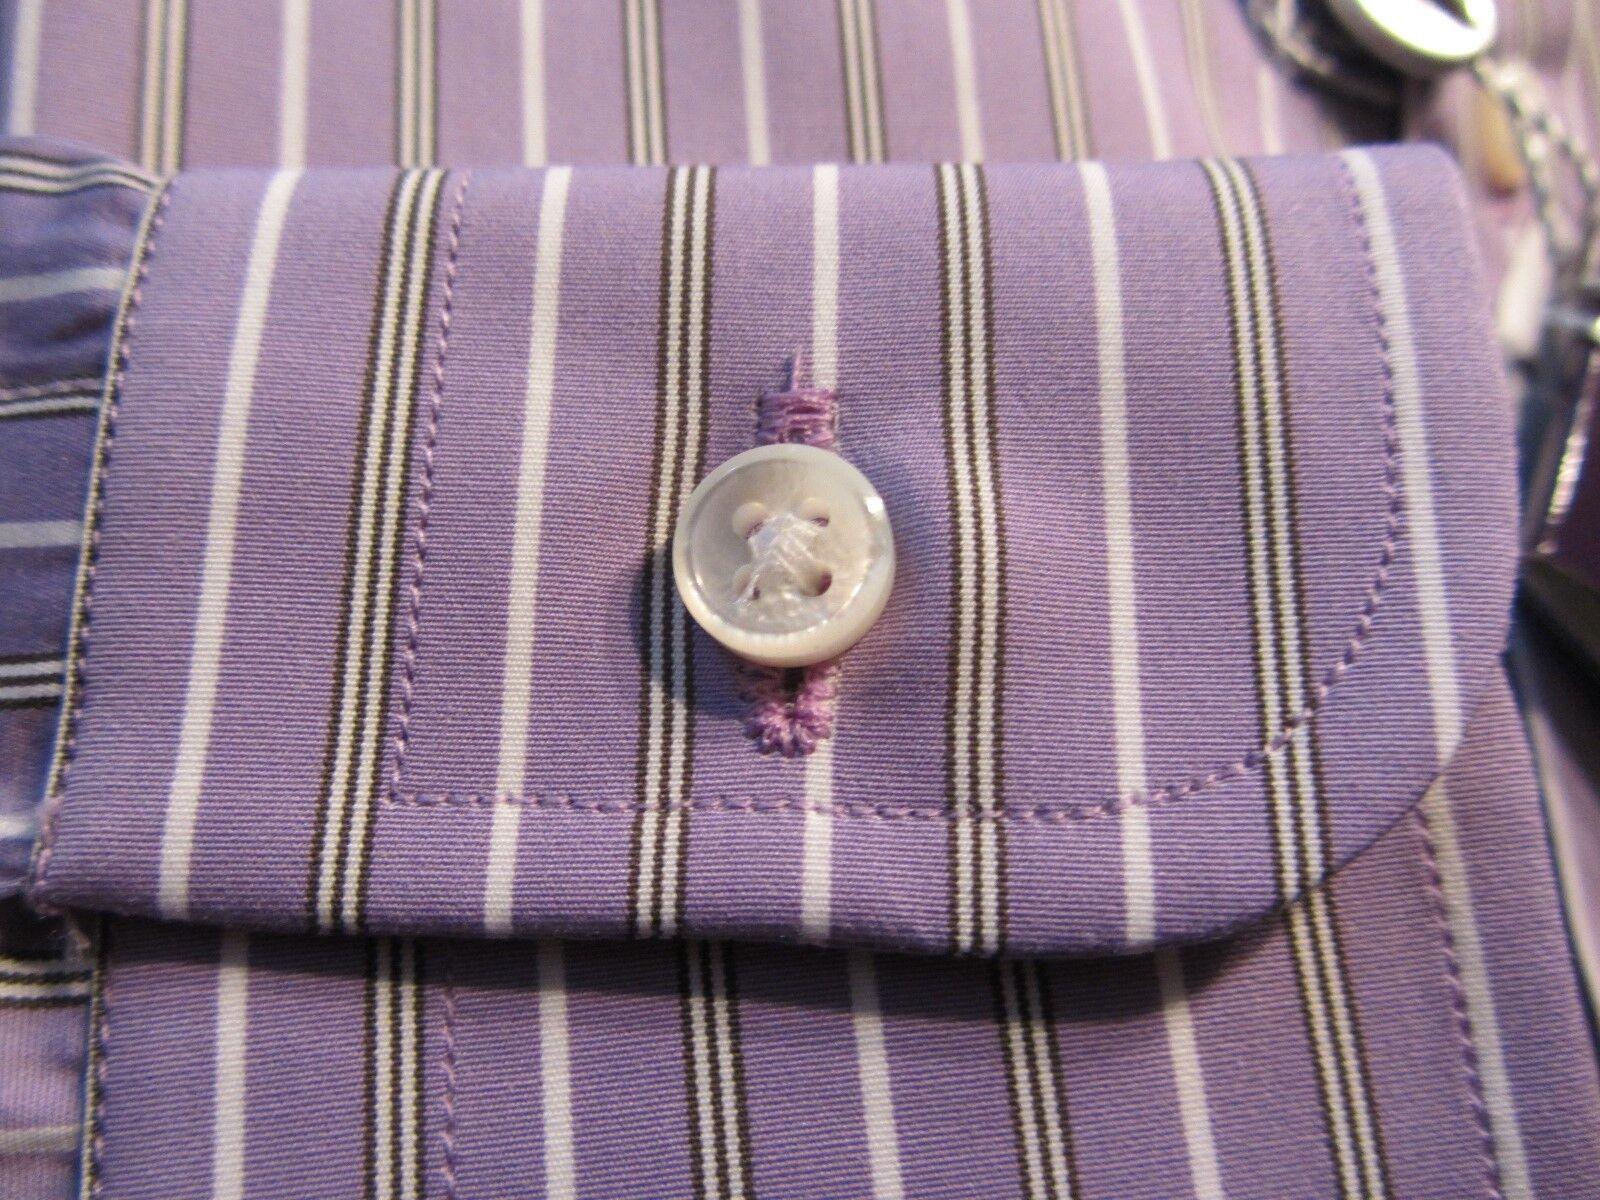 Ralph Lauren lila Label Label Label SARTORIAL 38 15 INCH   DAS BESTE SCHÖN   6238   | Ästhetisches Aussehen  f6a294